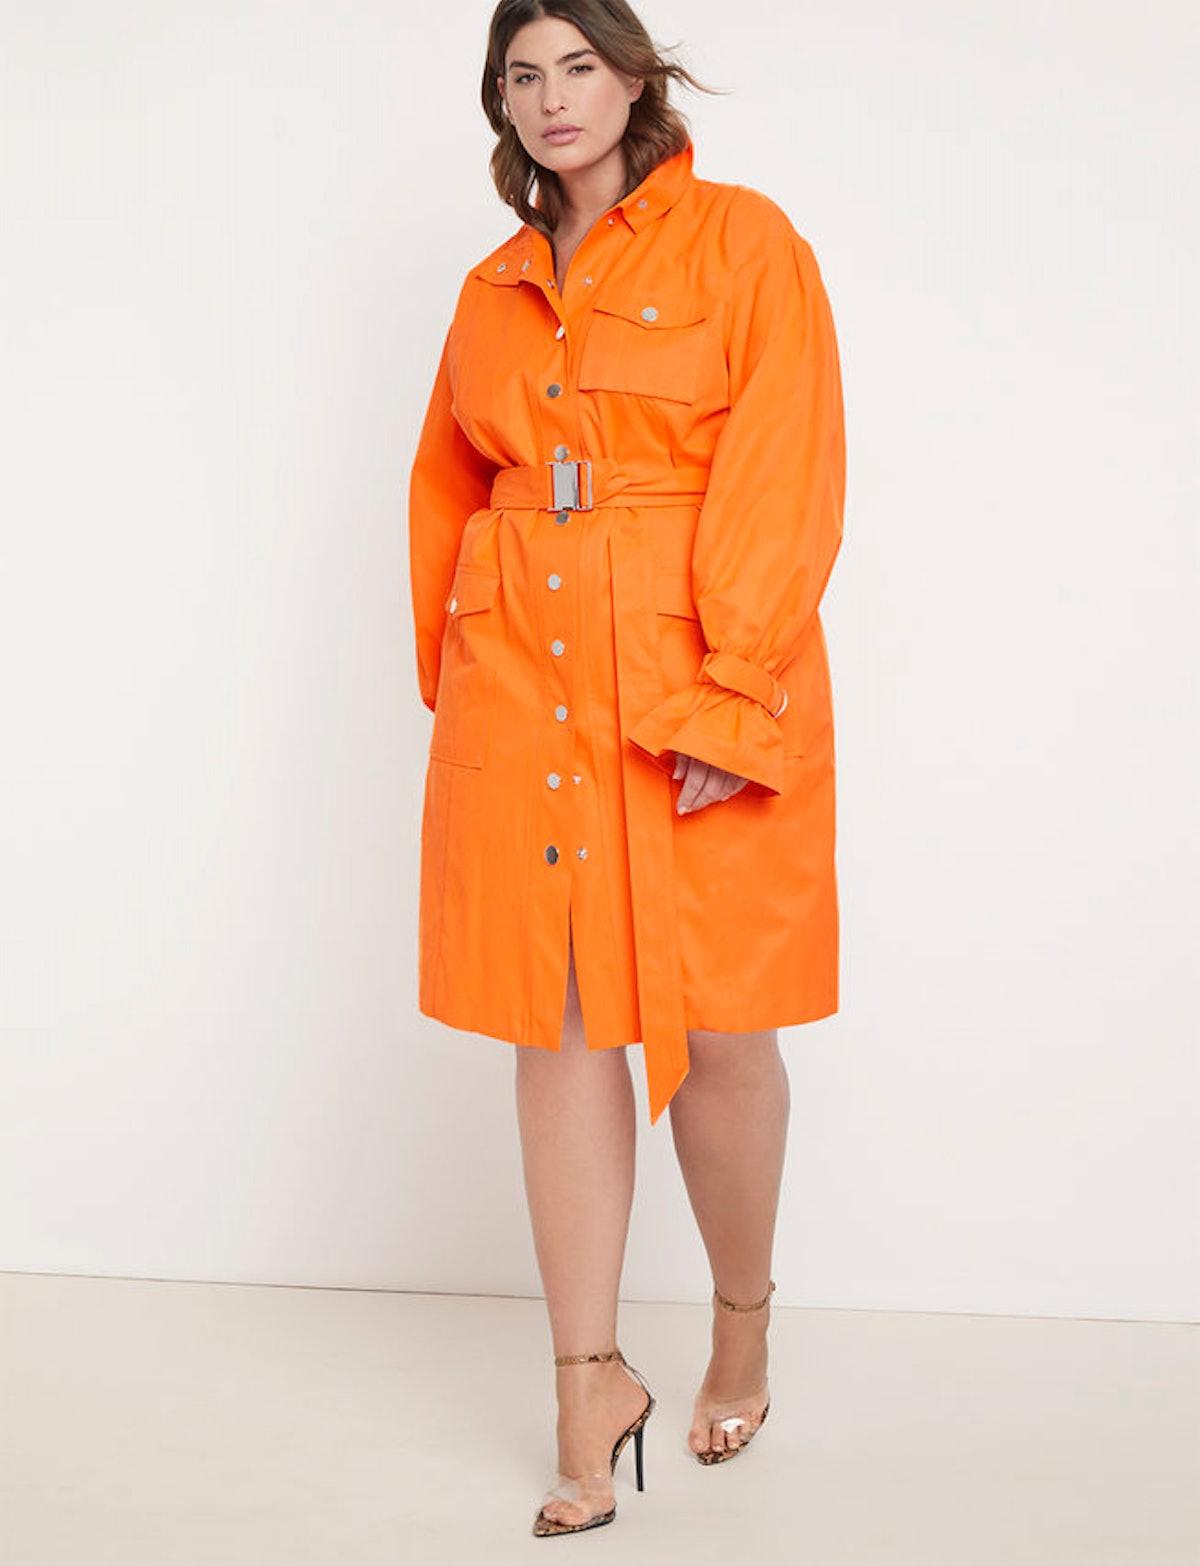 Priscilla Ono x ELOQUII Belted Cargo Dress in Neon Orange